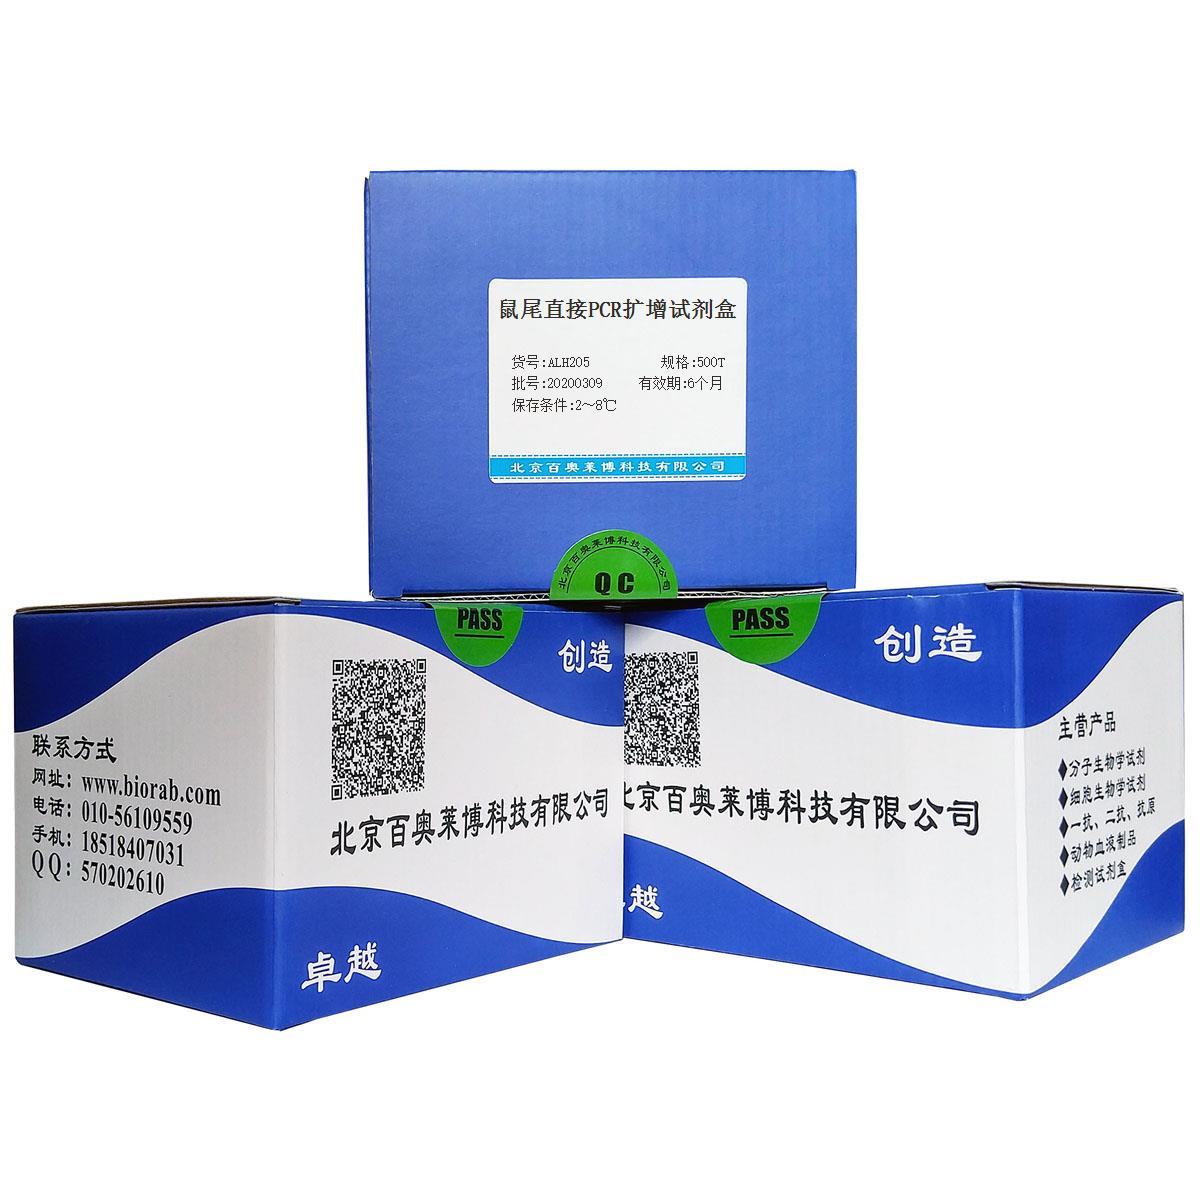 鼠尾直接PCR扩增试剂盒北京品牌